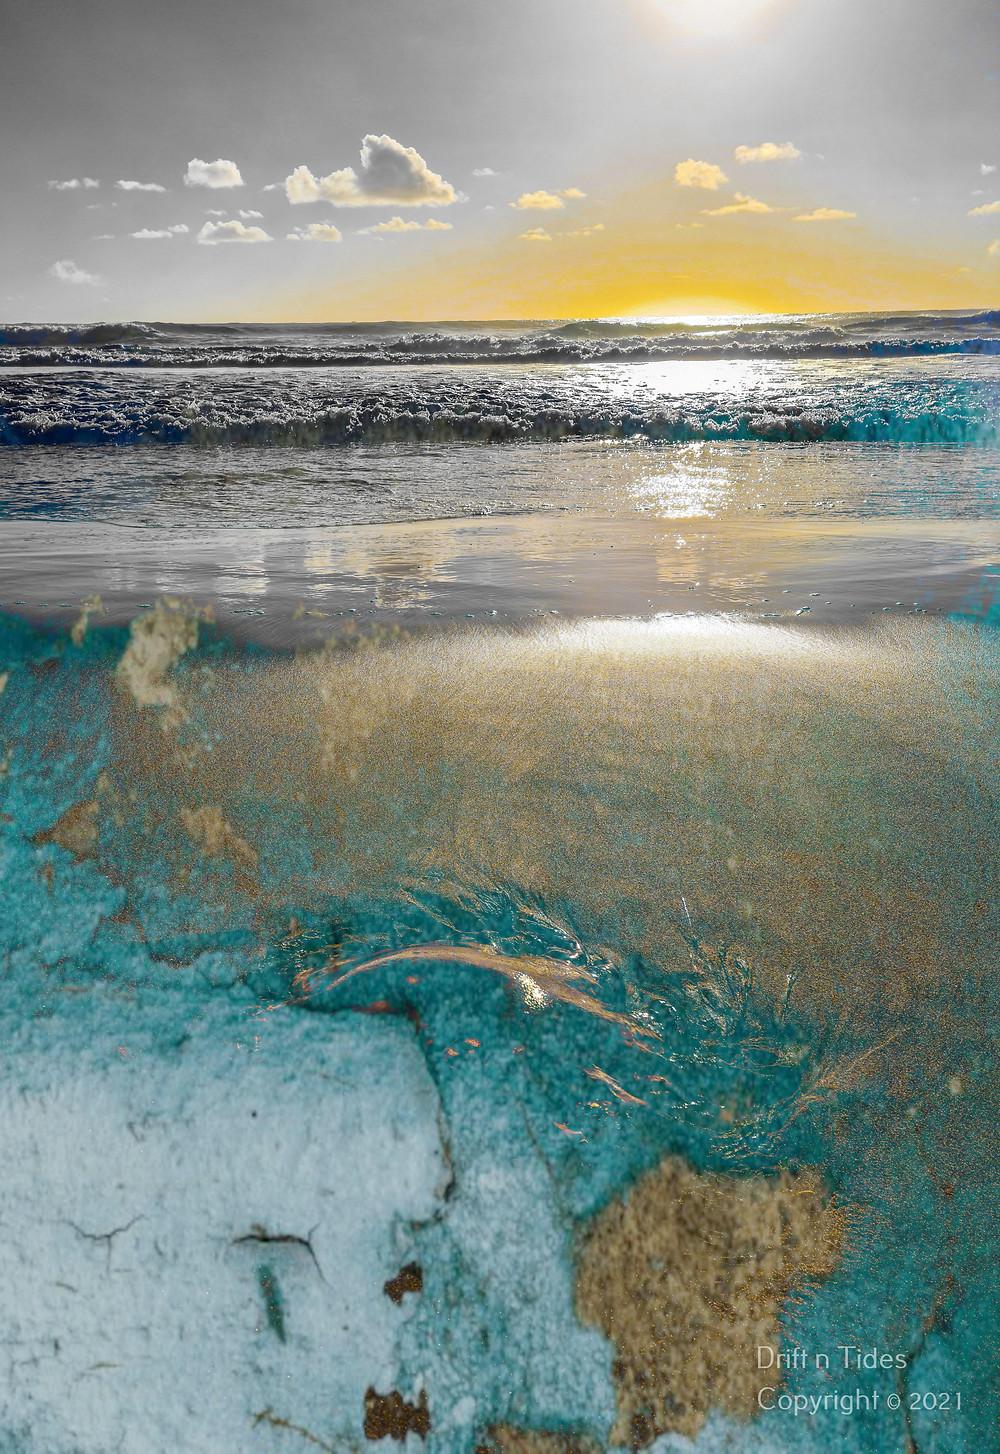 Drift n Tides Australian Art - Take 3 for the Sea